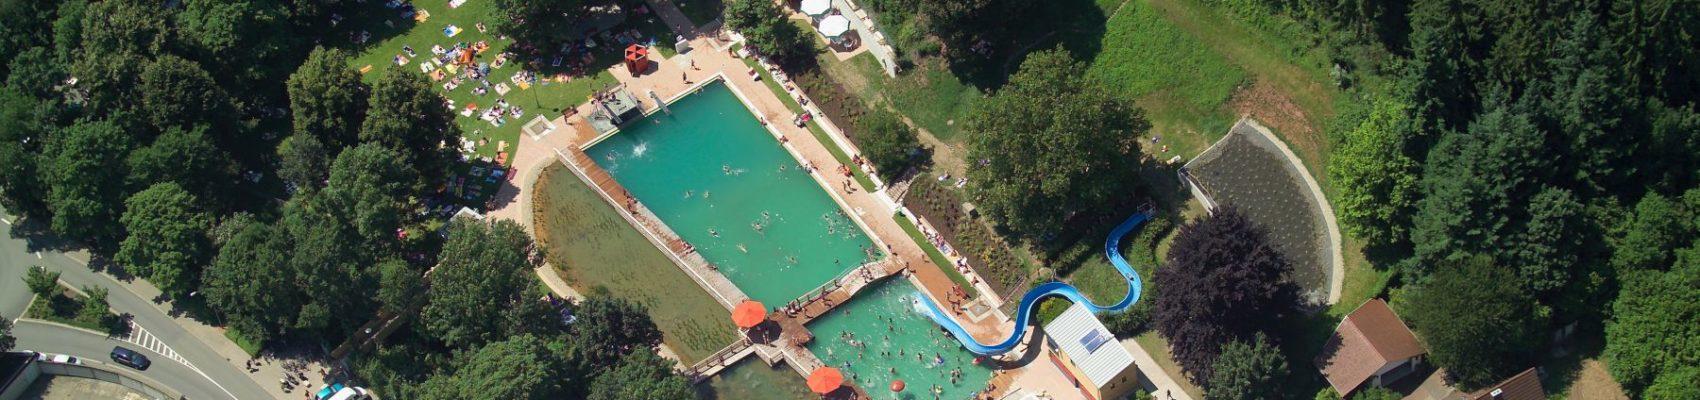 Luftaufnahme des Naturbads Heilborn